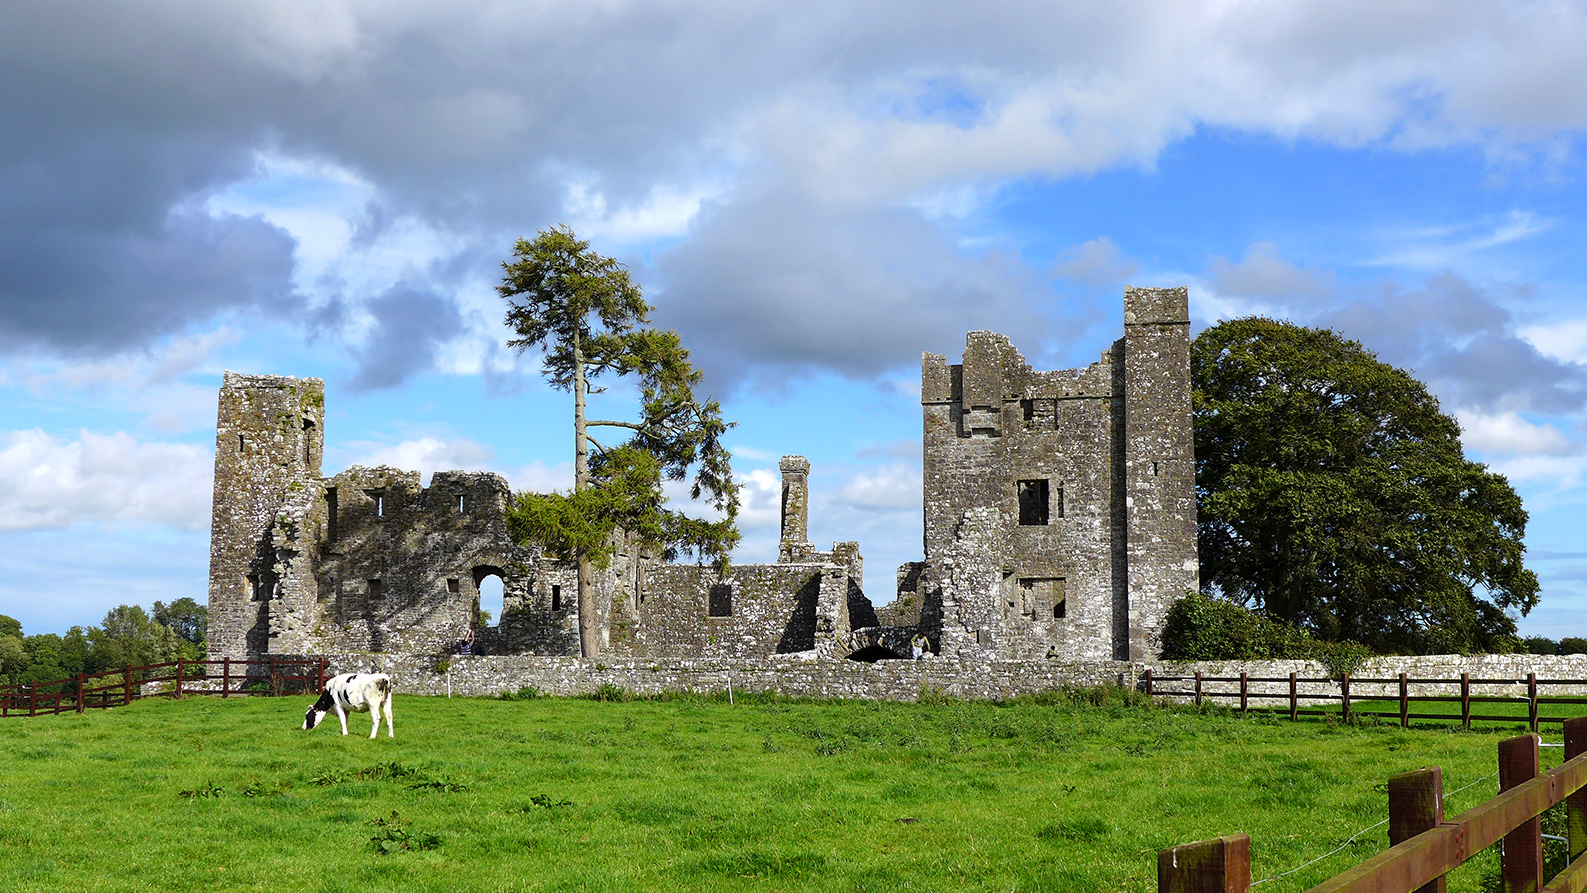 Un Paseo de pélicula por Bective Abbey en Irlanda